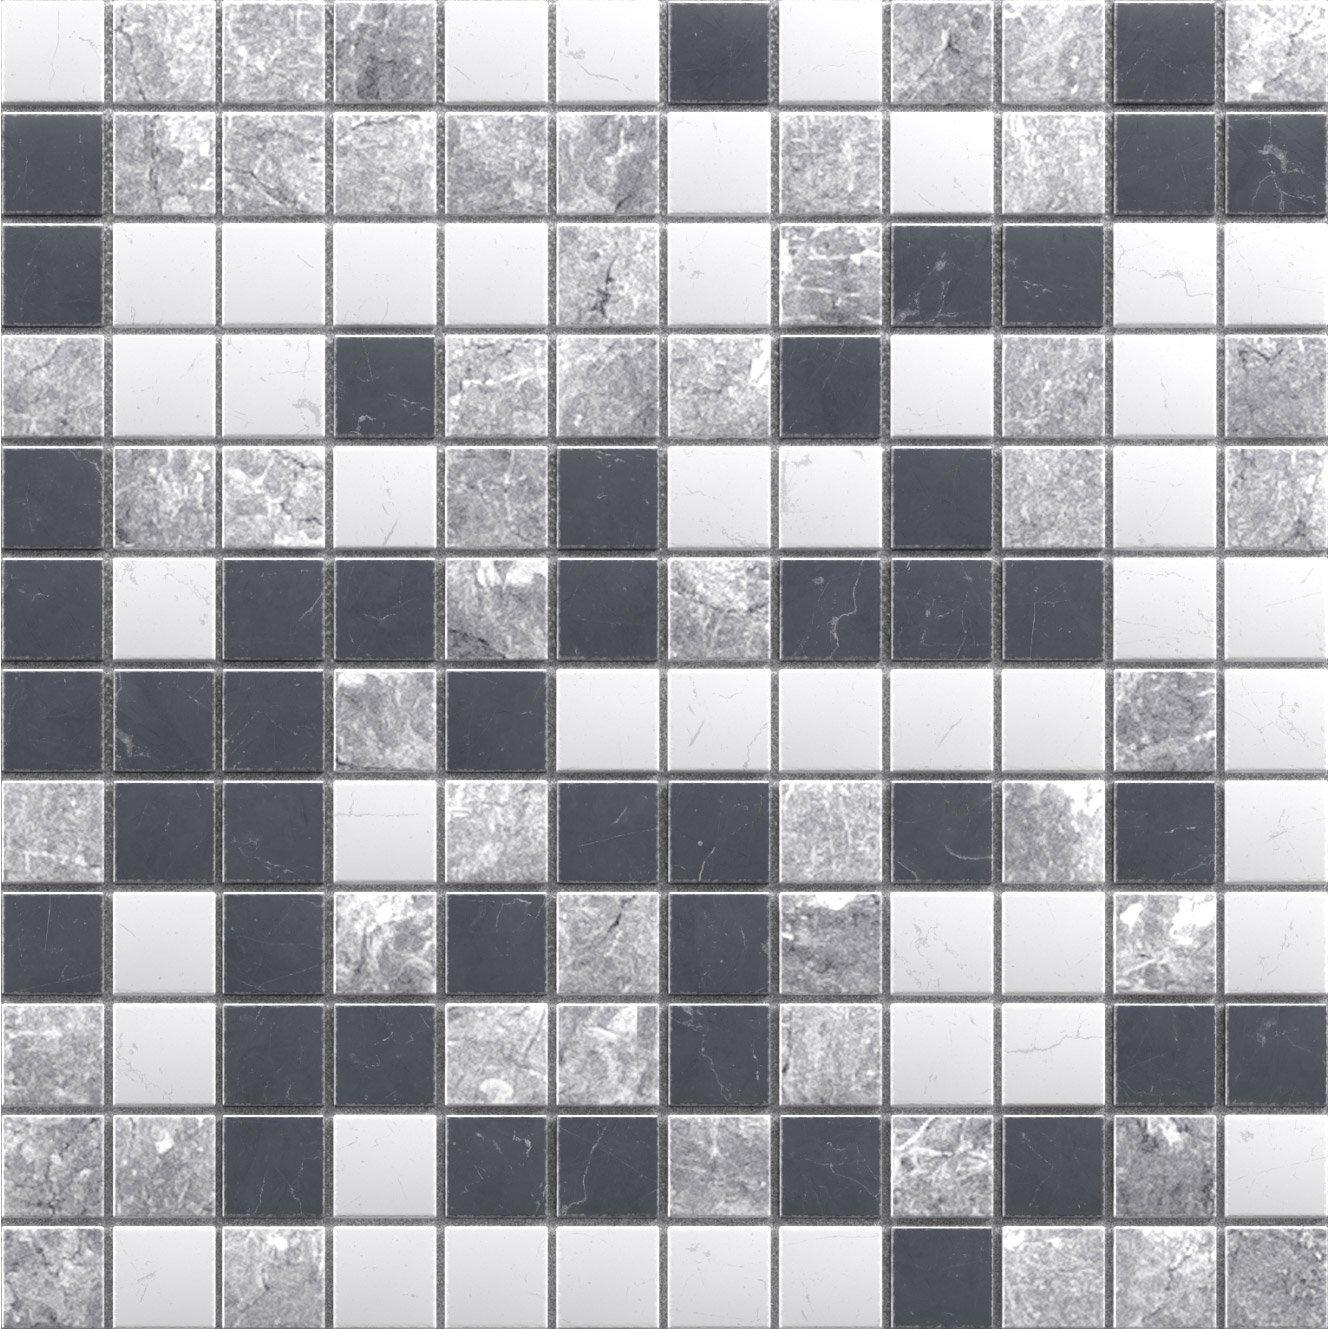 mosa que sol et mur mineral marbre noir blanc et gris 2 3. Black Bedroom Furniture Sets. Home Design Ideas